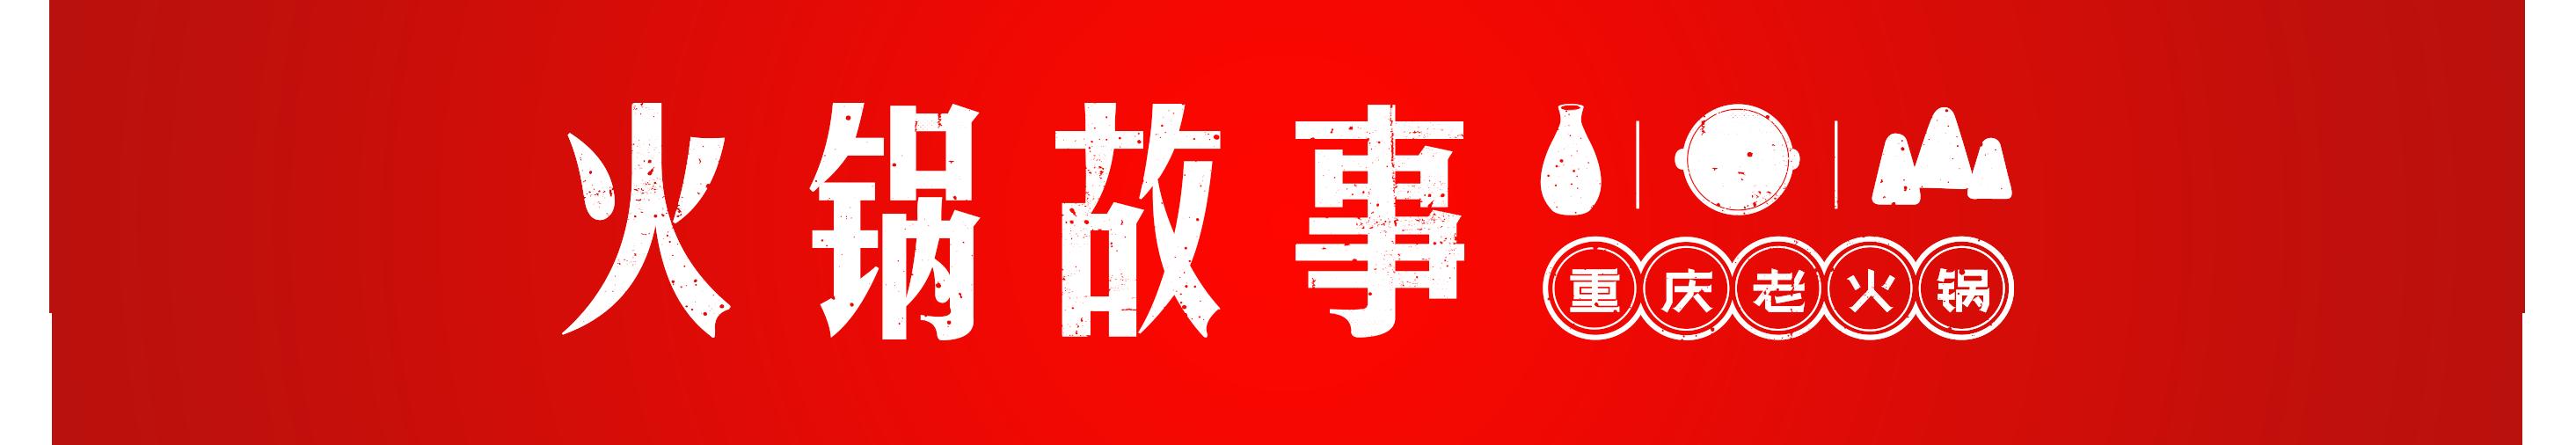 火锅故事餐饮招商加盟